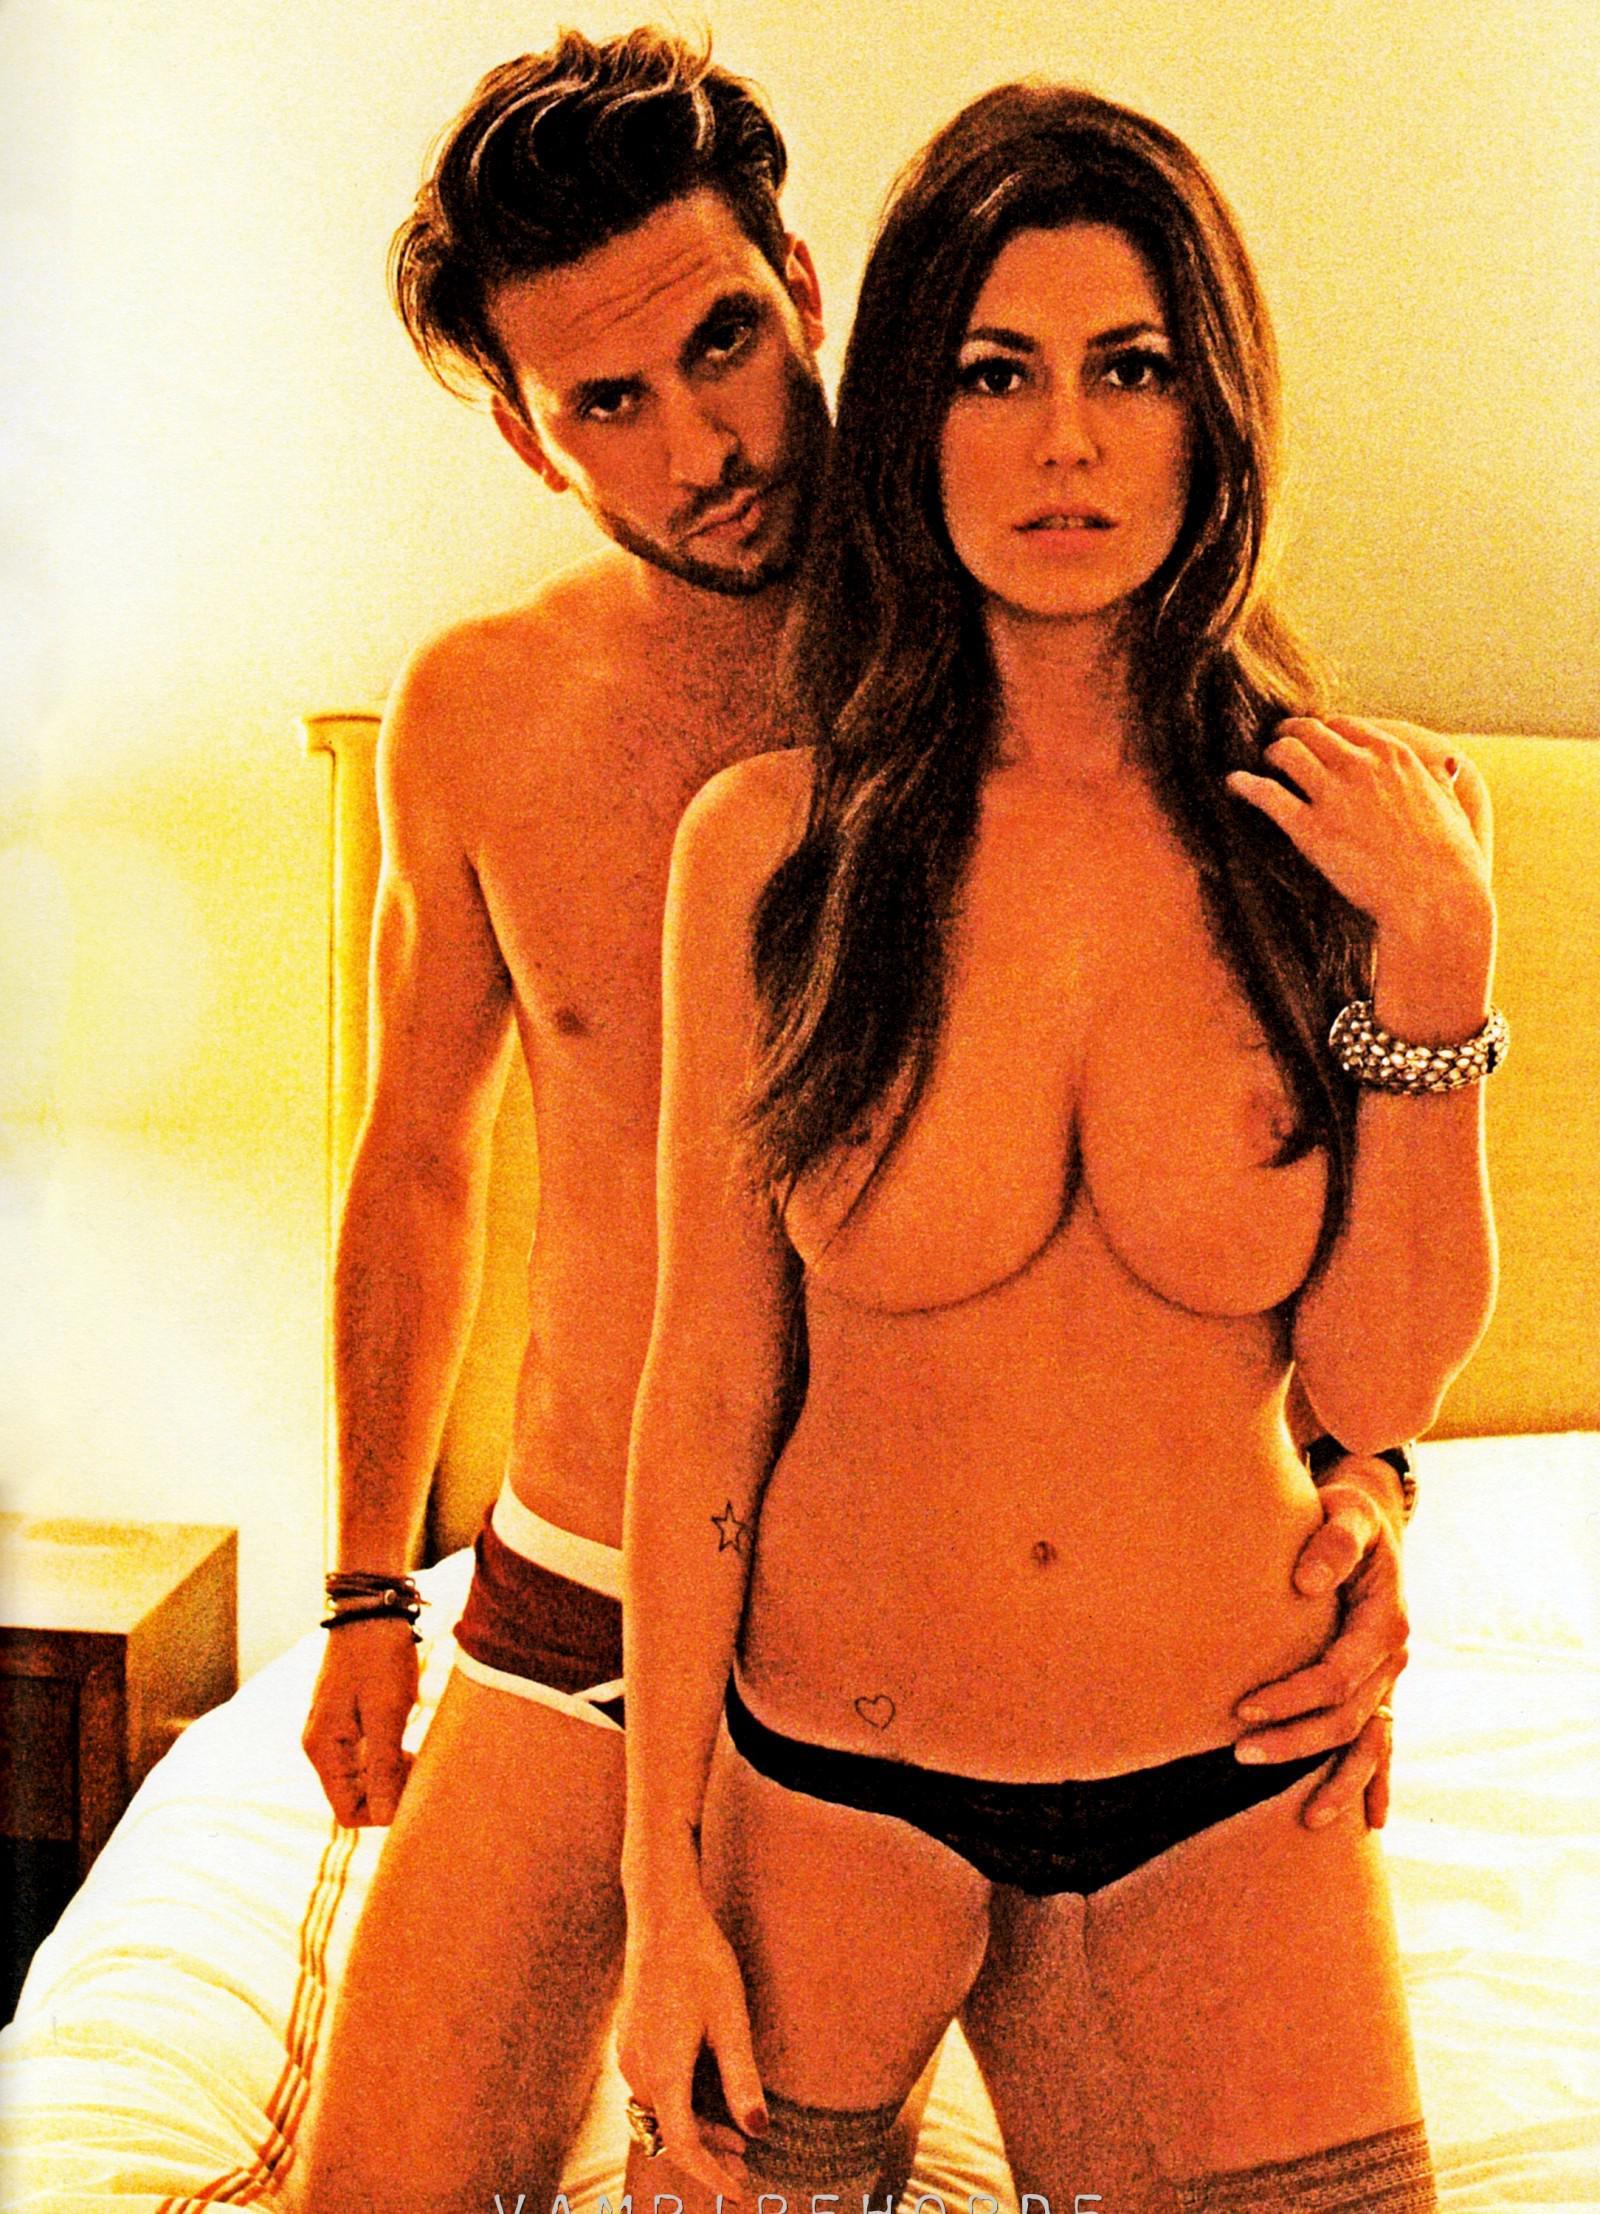 diora baird nude playboy pics